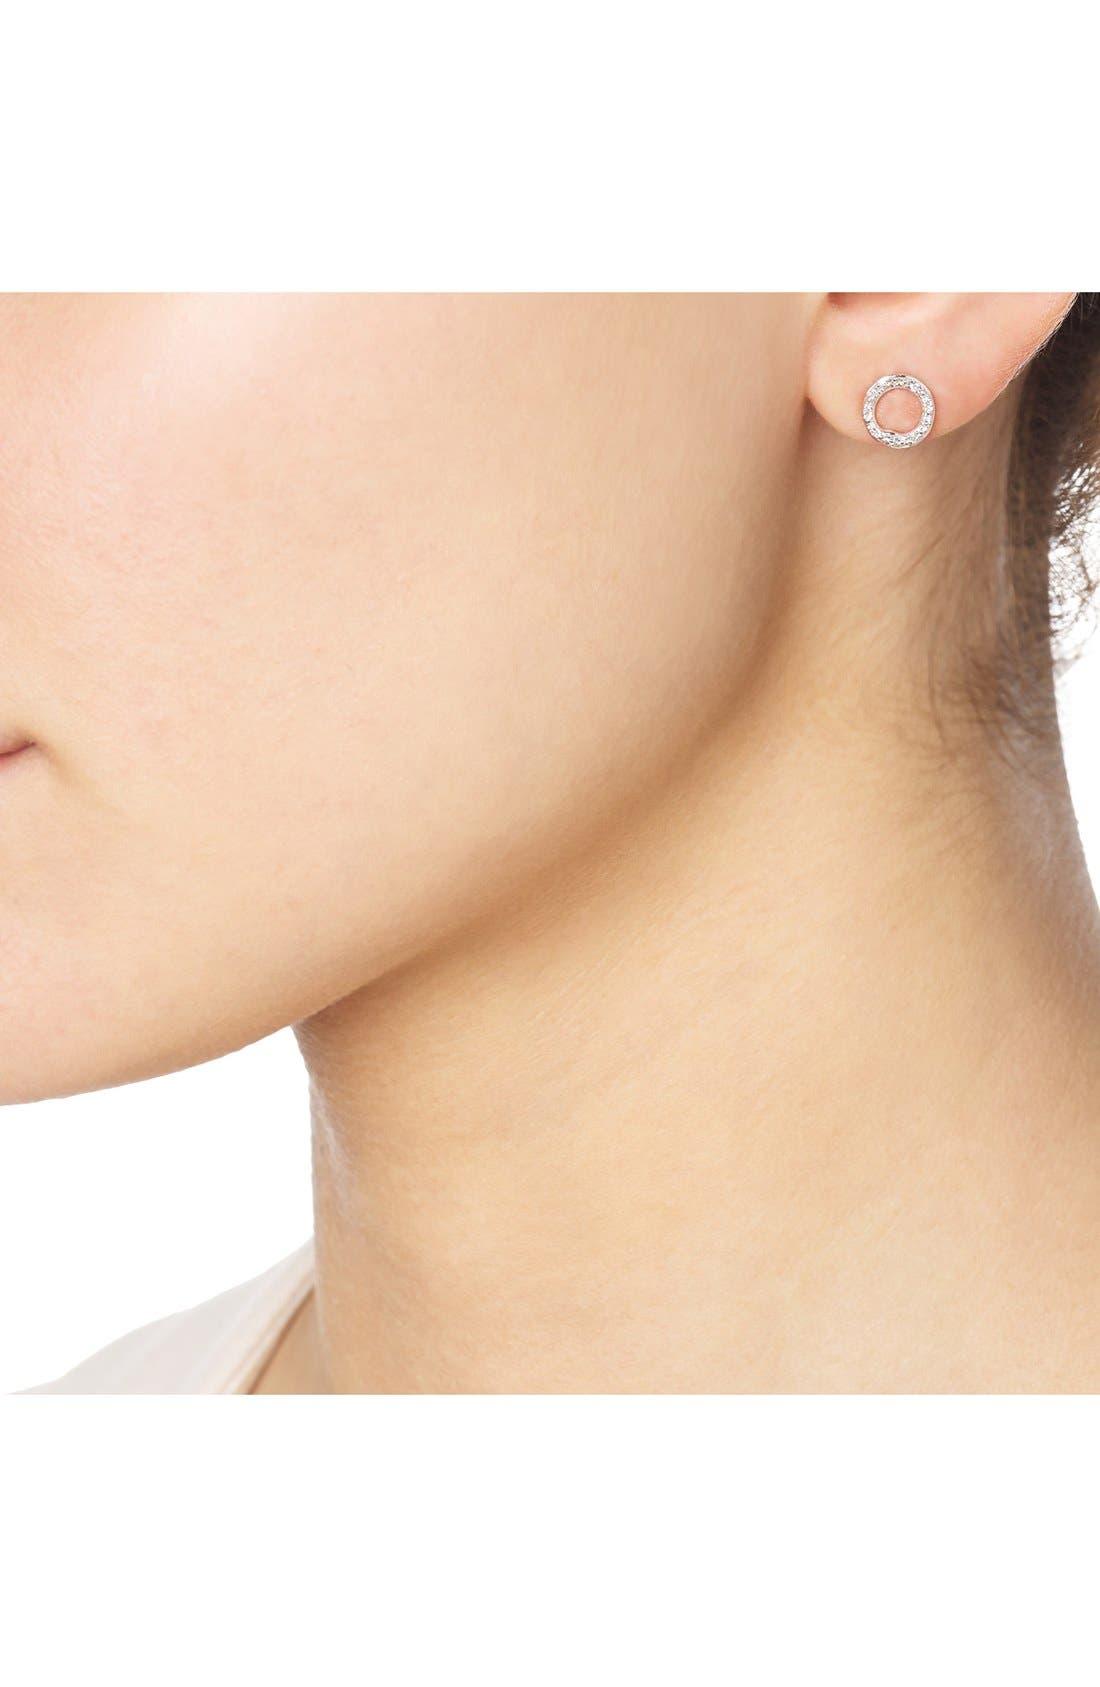 'Riva' Circle Stud Diamond Earrings,                             Alternate thumbnail 2, color,                             ROSE GOLD